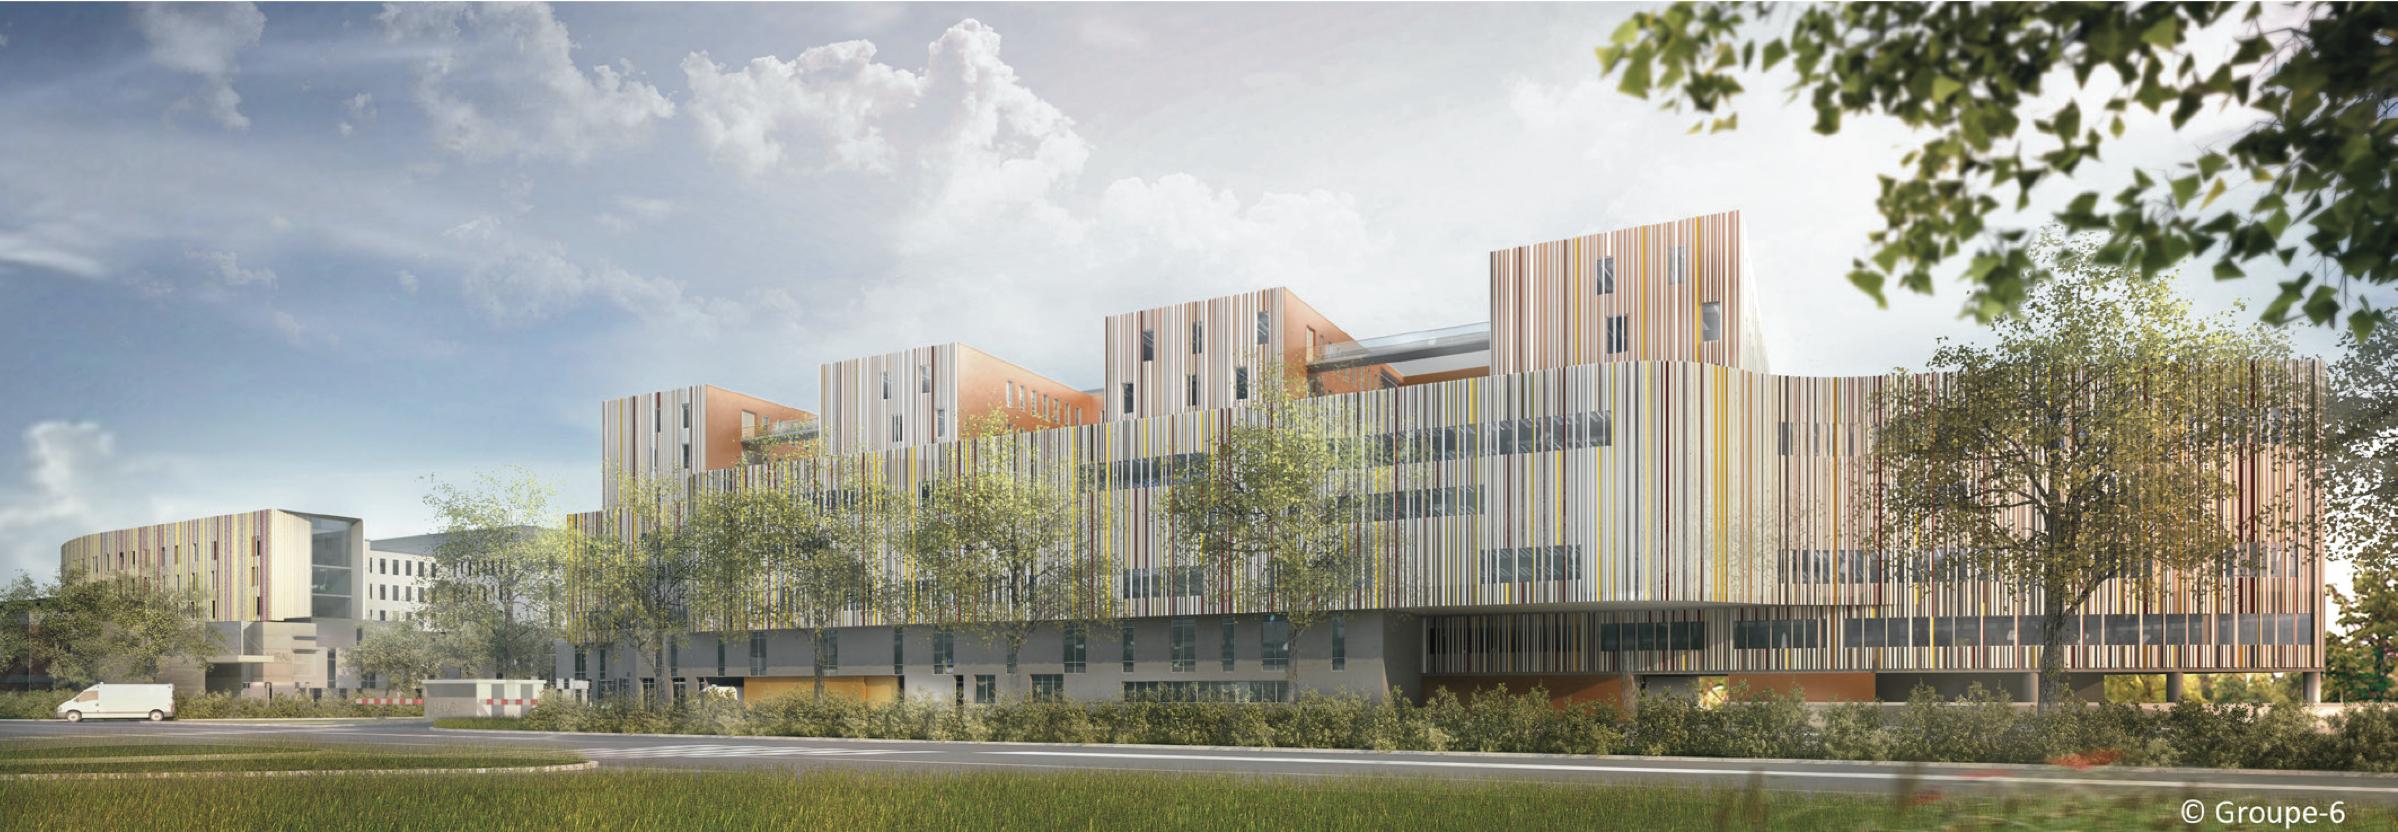 projet-plateau-medico-technique-locomoteur-PMTL-strasbourg-2